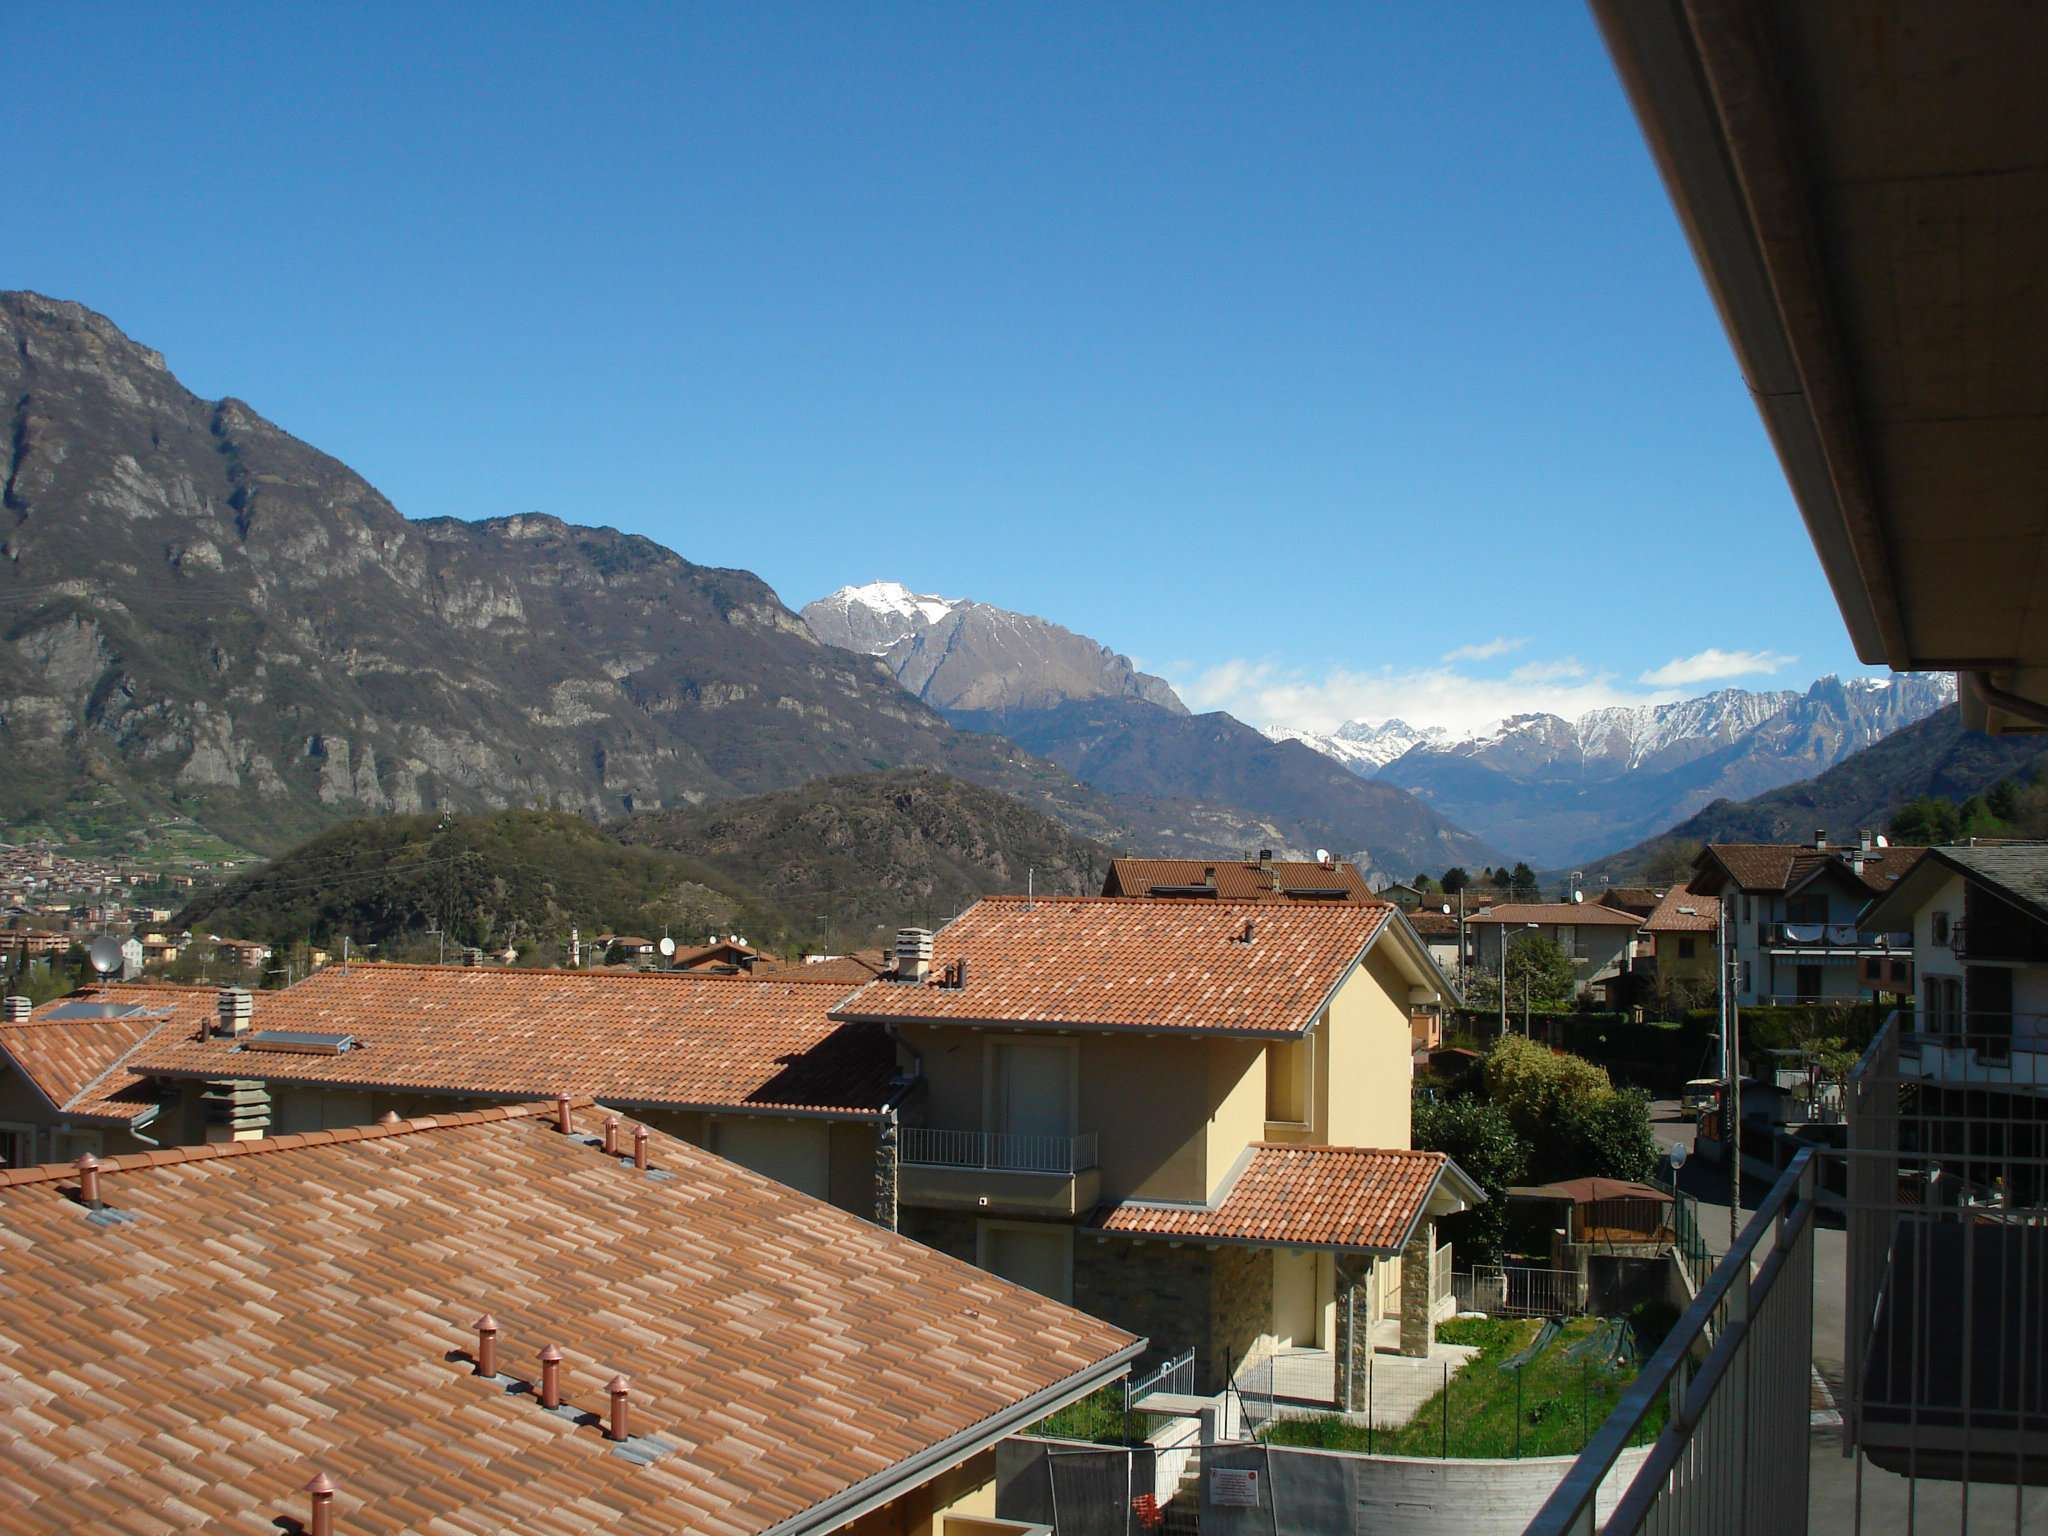 Appartamento in vendita a Darfo Boario Terme, 4 locali, prezzo € 115.000 | CambioCasa.it